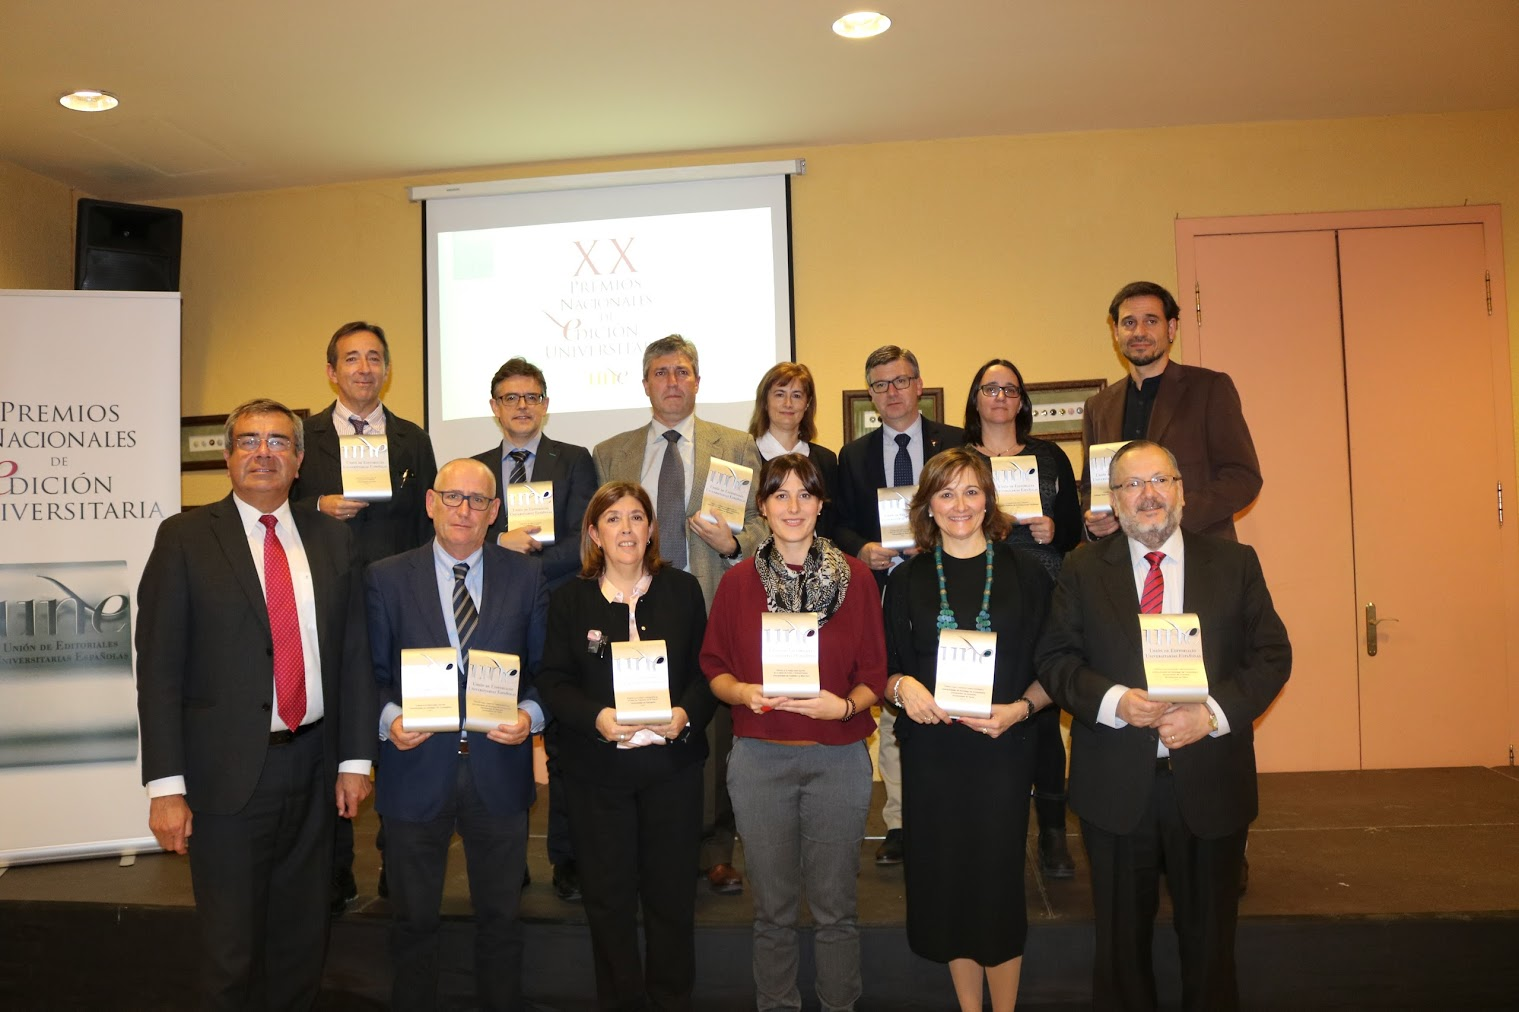 La Universidad de Salamanca recibe el premio de la Unión de Editoriales Universitarias Españolas a la mejor monografía de Ciencias Jurídicas